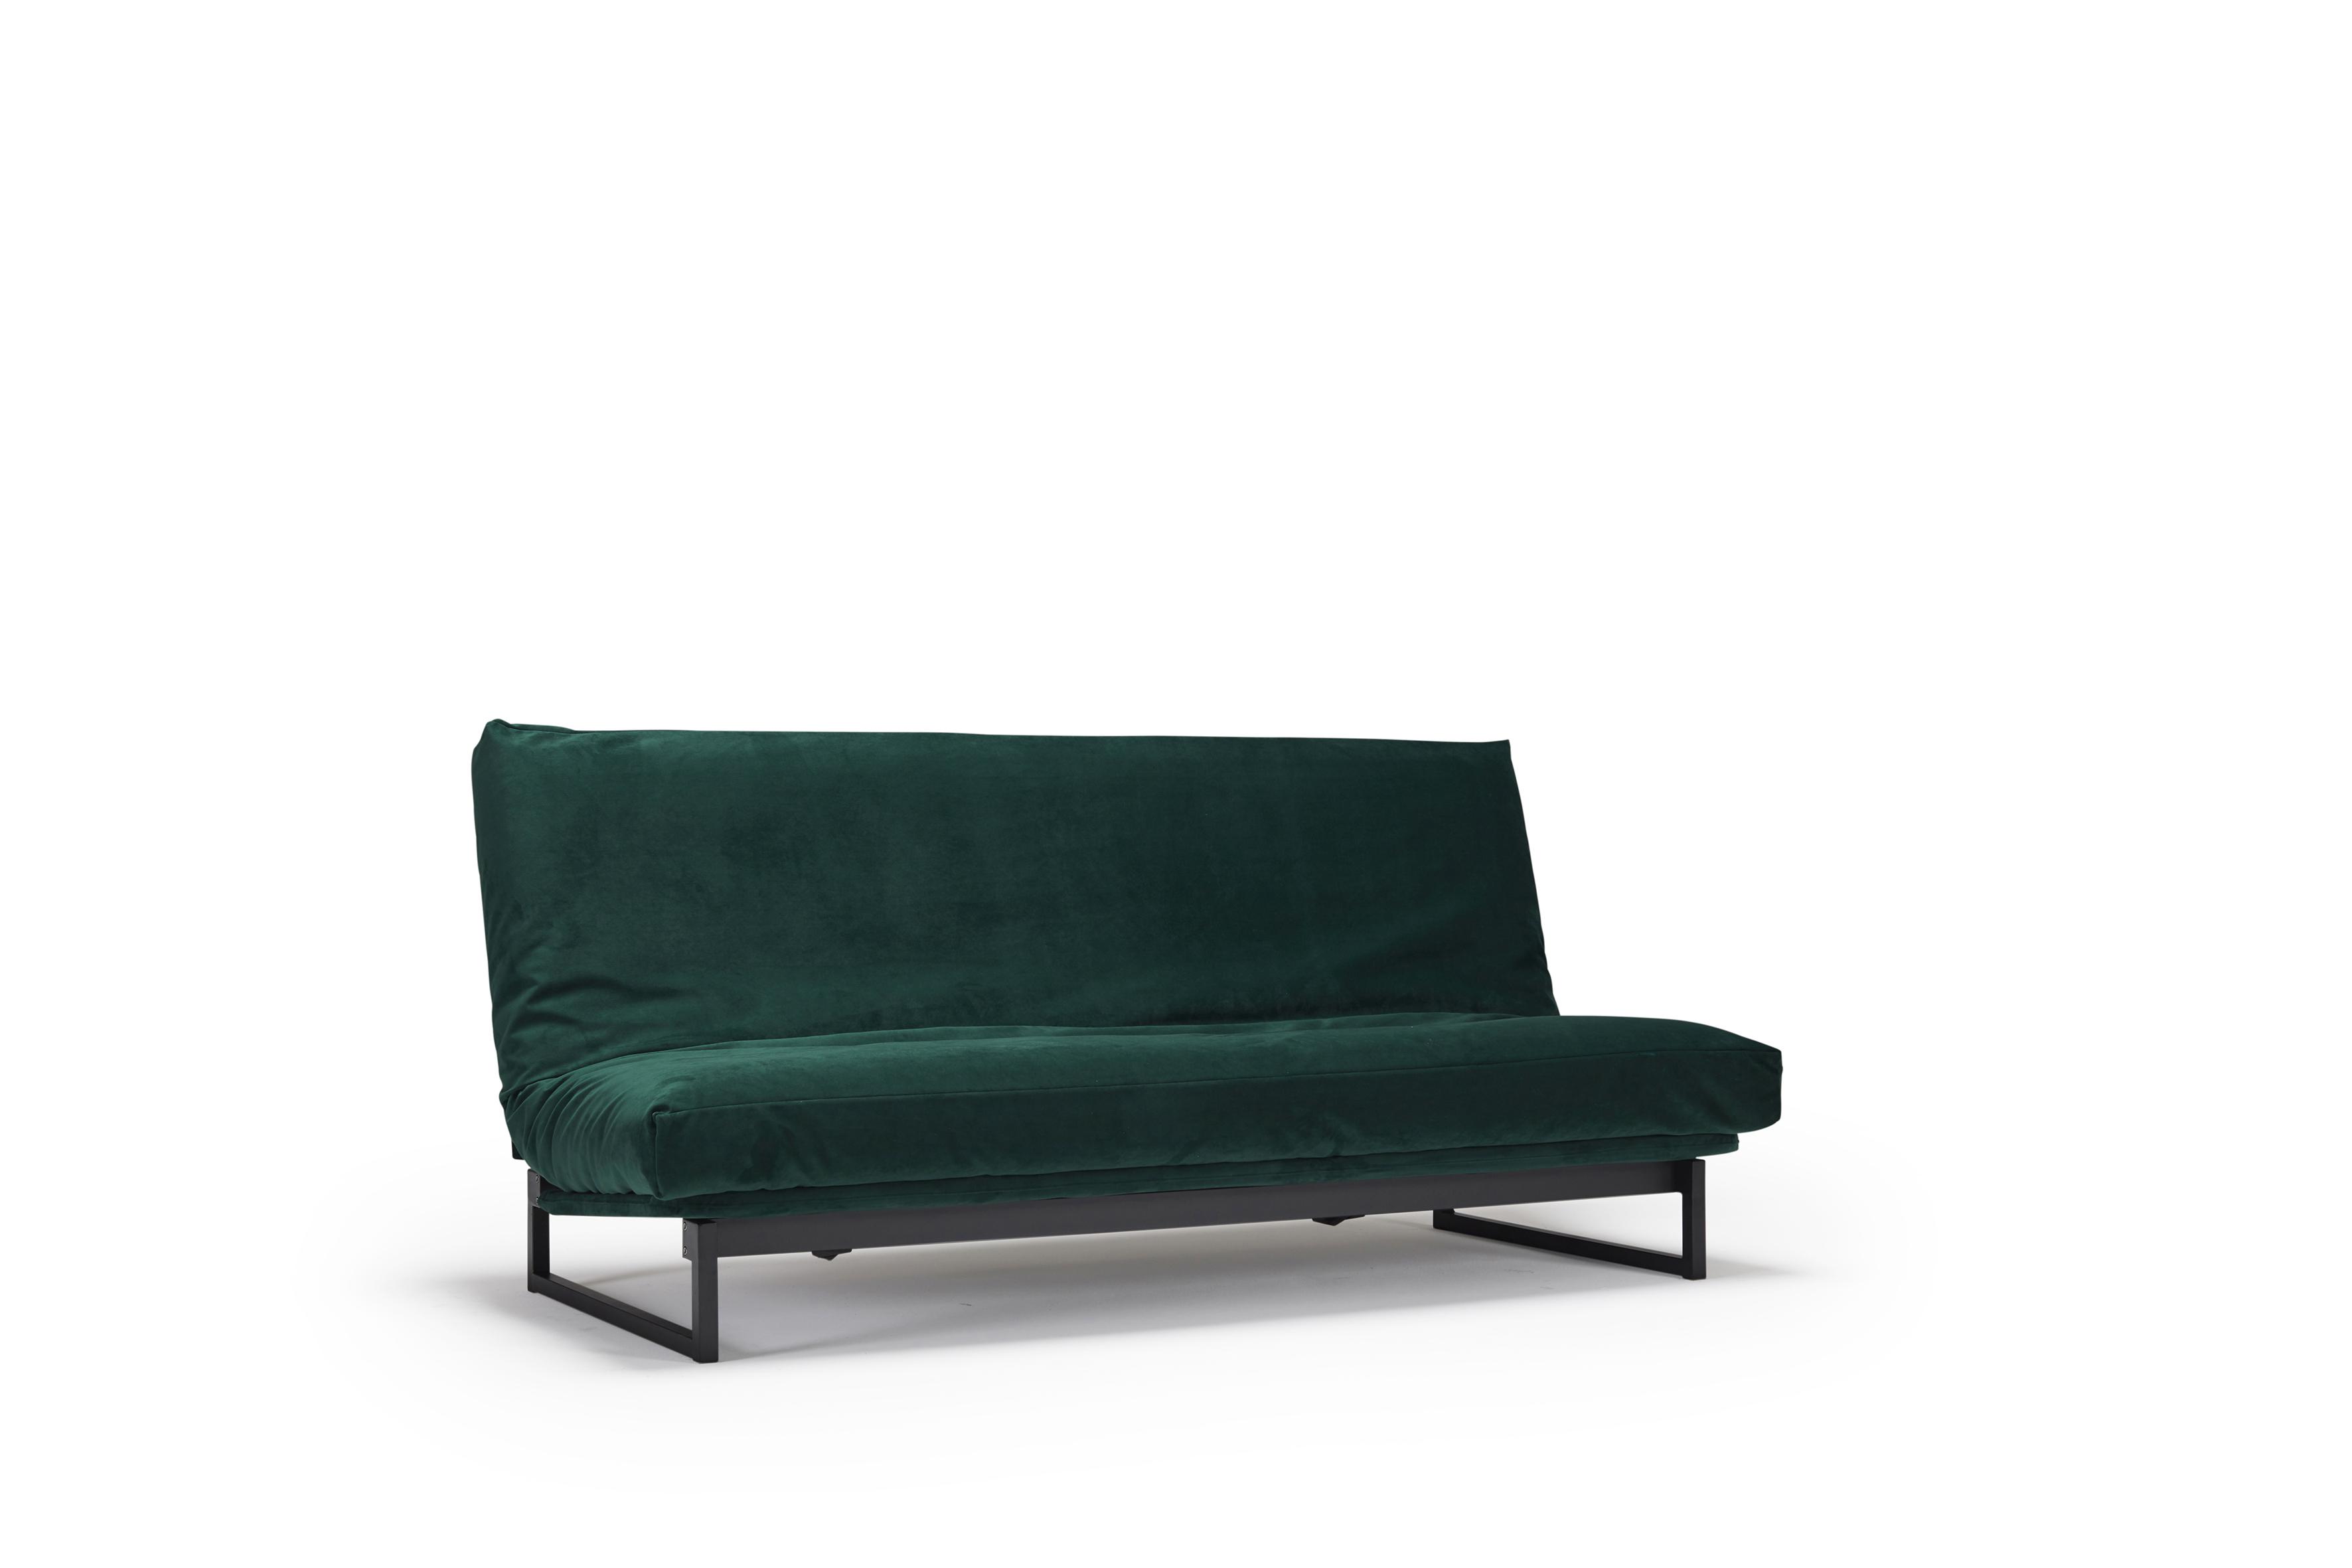 schlafsofas g nstig online kaufen etage7 betten naturmatratzen und futons g nstig online kaufen. Black Bedroom Furniture Sets. Home Design Ideas